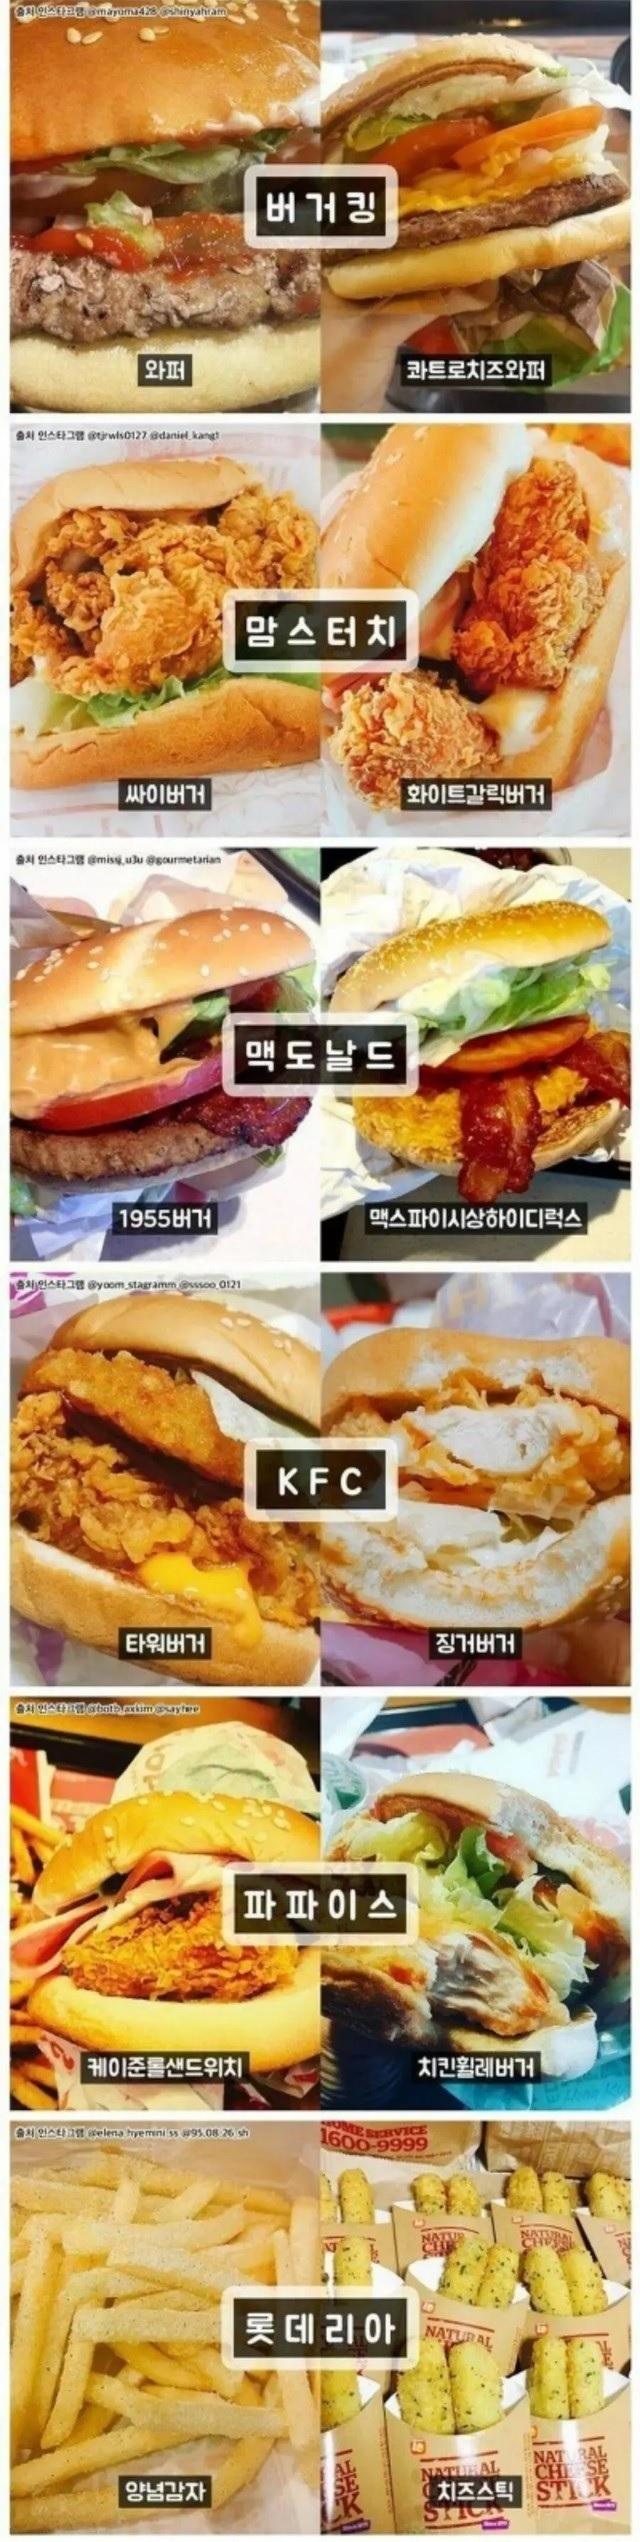 햄버거 브랜드별 잘나가는 메뉴들 1